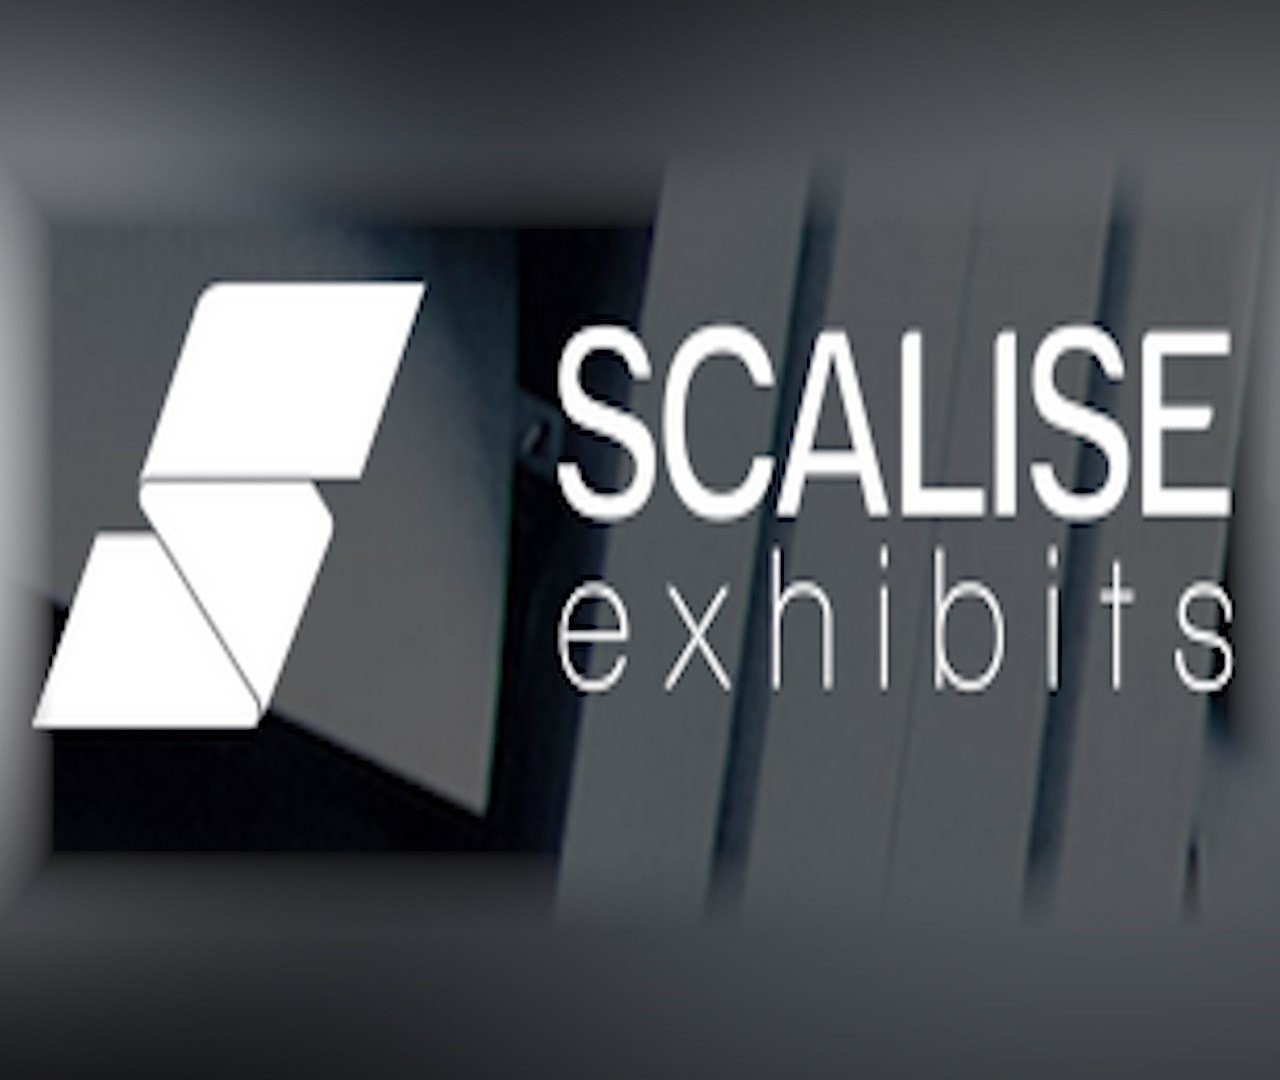 Scalise Exhibits